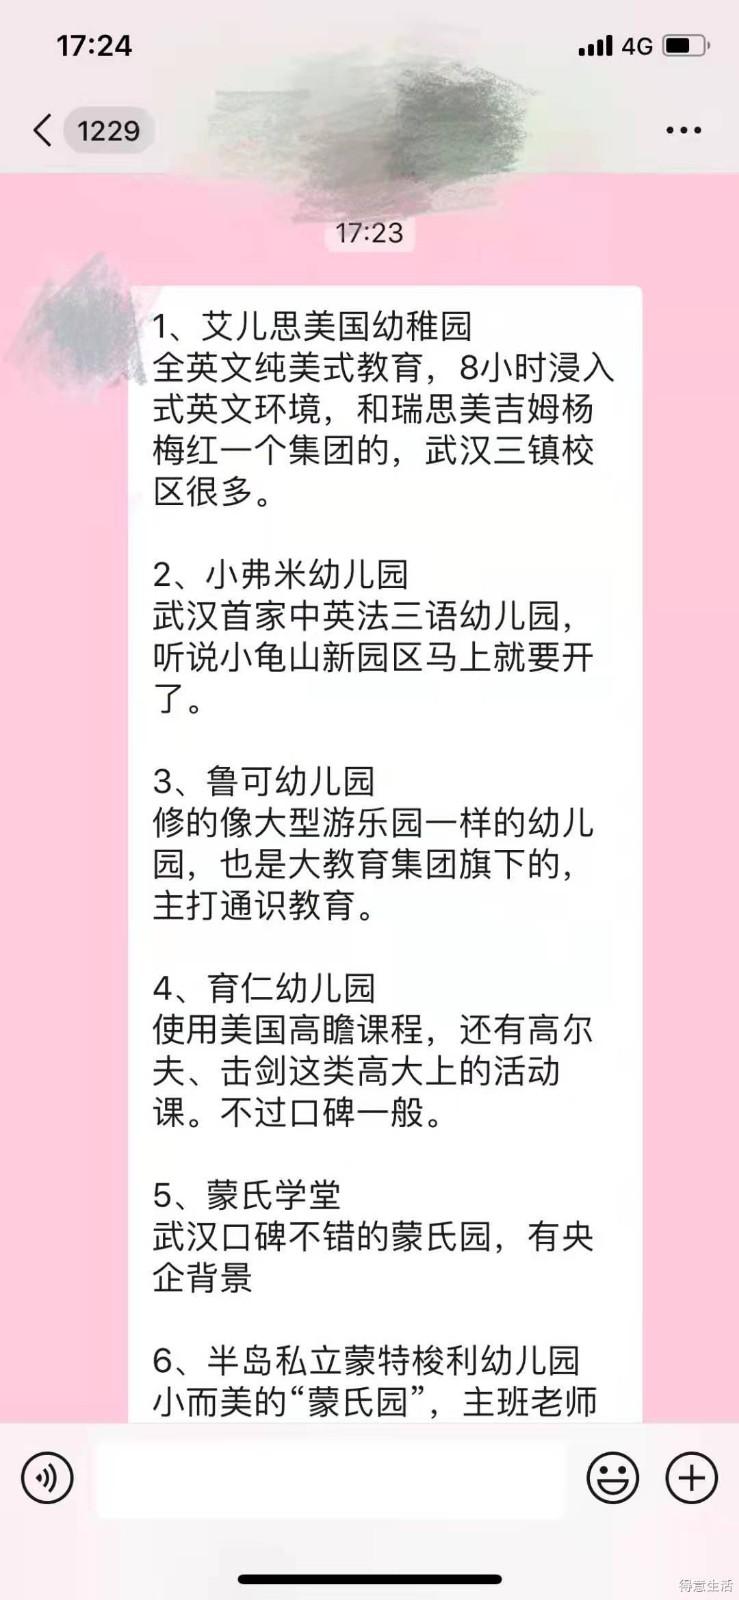 据说是内业公认武汉TOP10的幼儿园名单,有没有在这些幼儿园读过的啊?